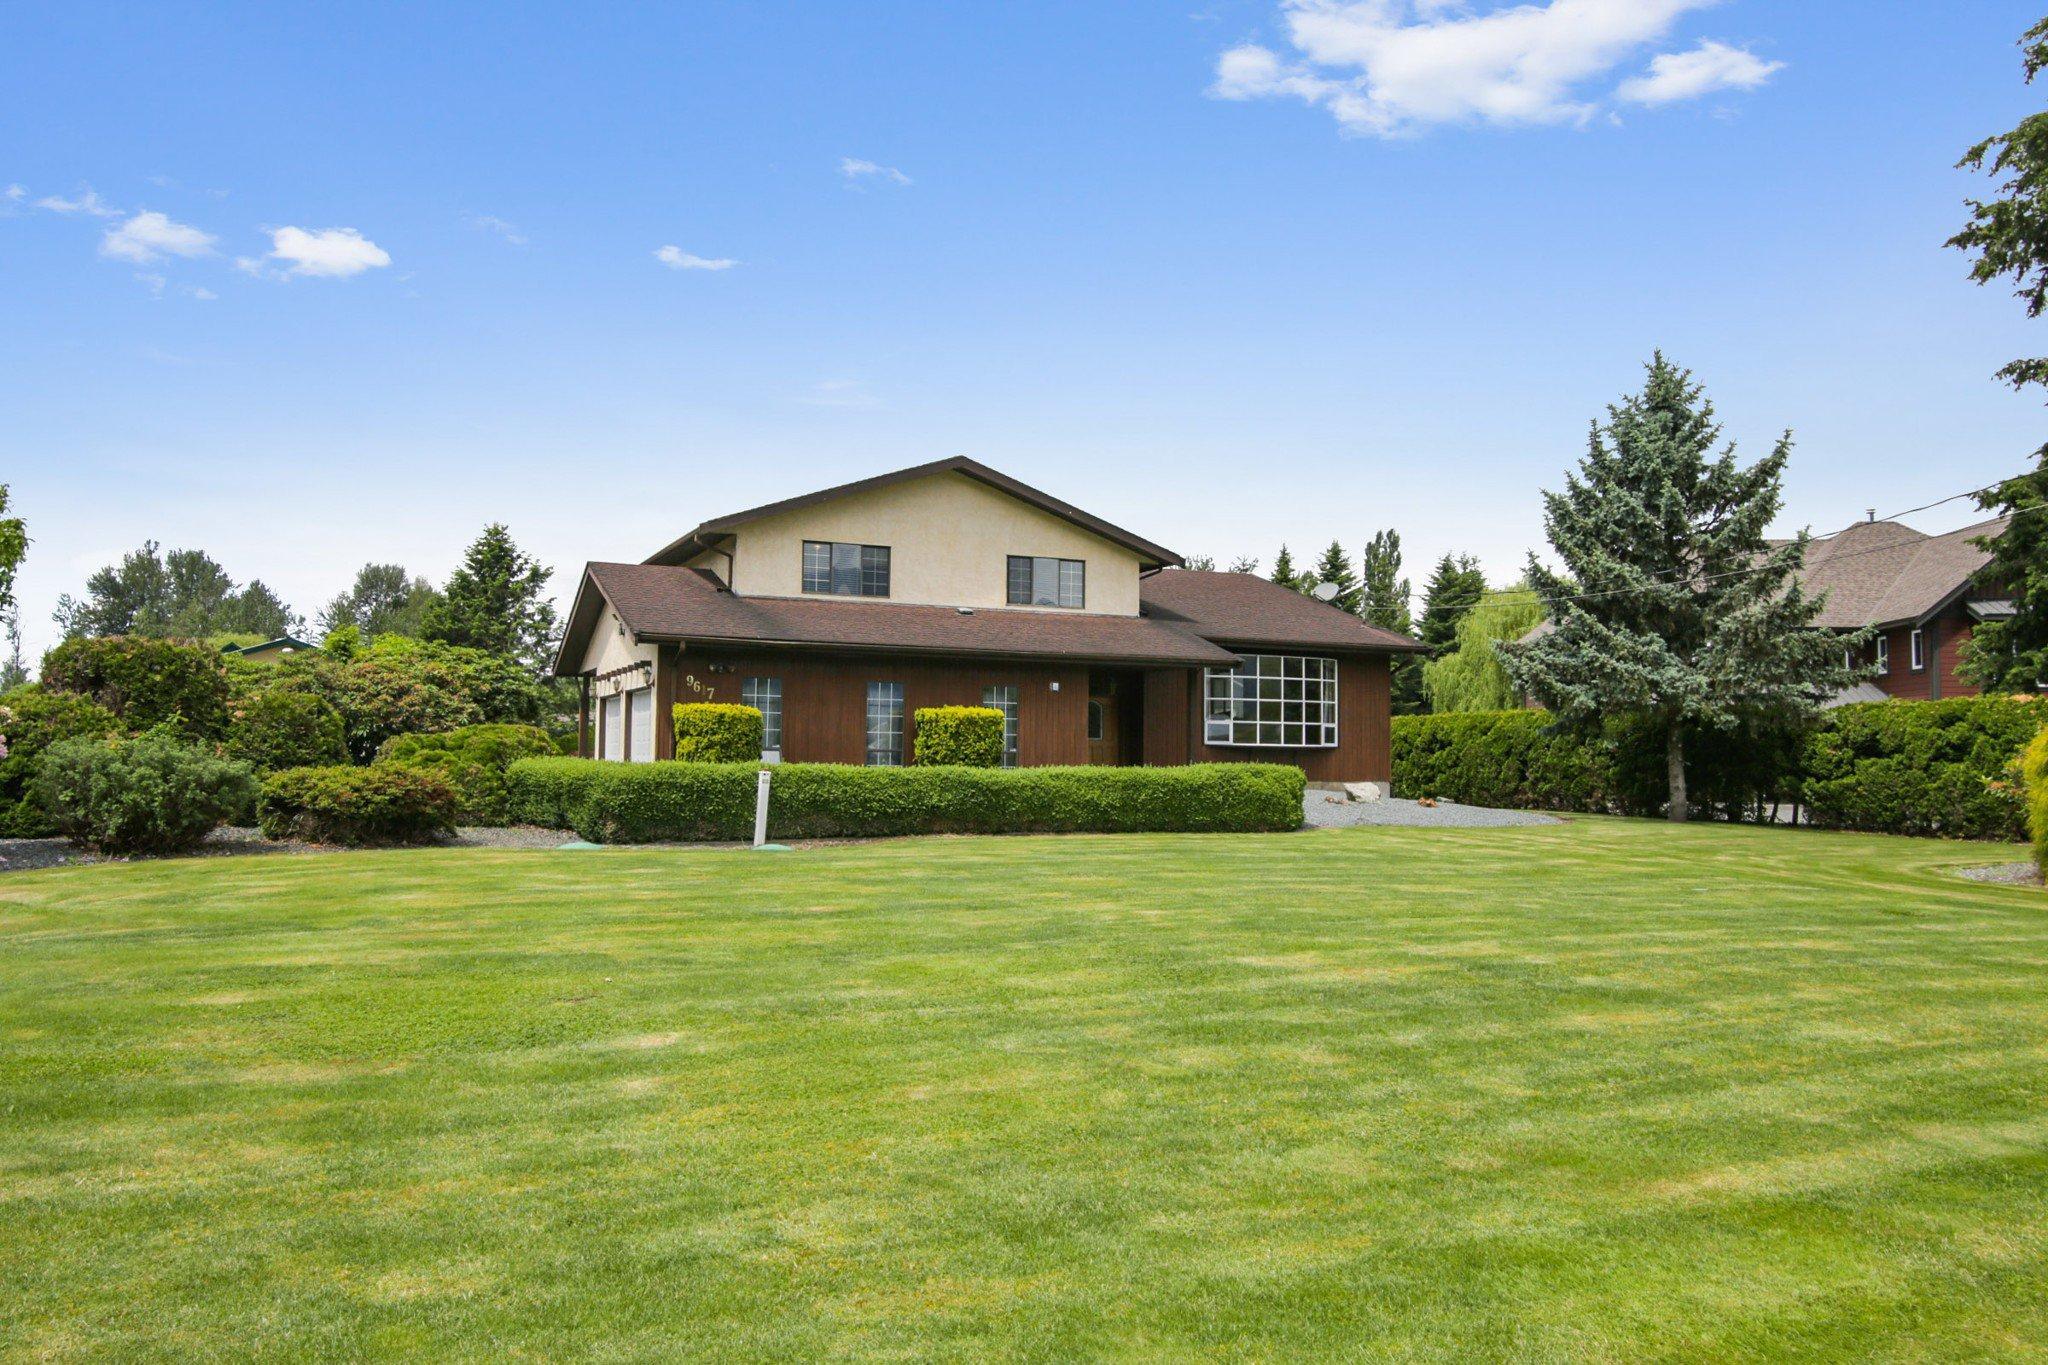 """Main Photo: 9617 MCGRATH Road in Rosedale: Rosedale Popkum House for sale in """"Rosedale"""" : MLS®# R2461140"""